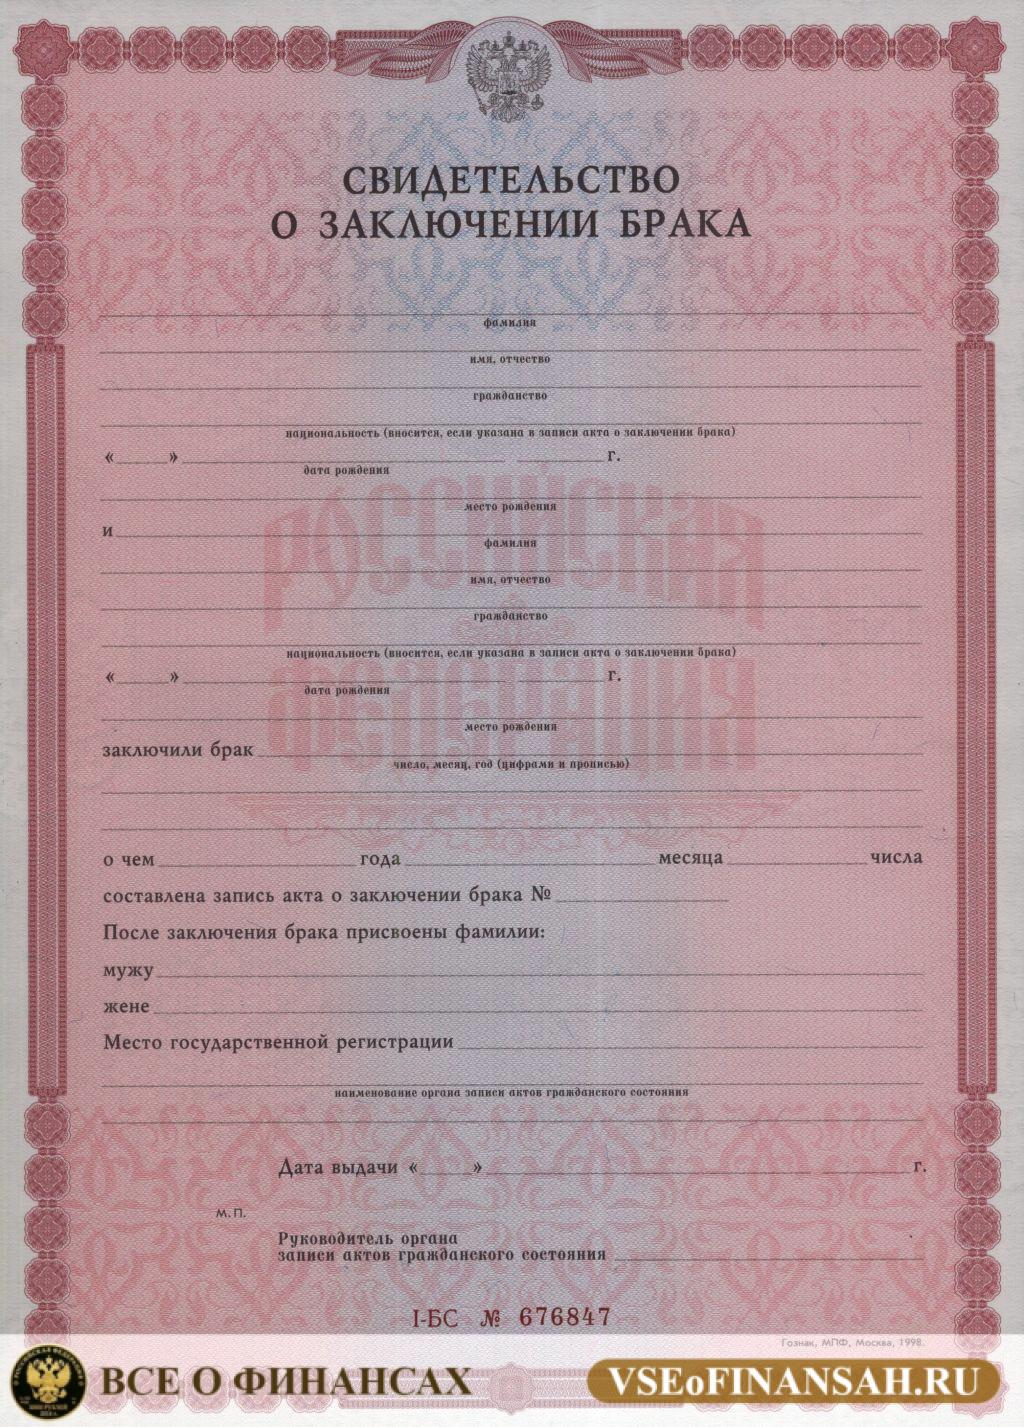 https://svidetelstvo-online.org/images/svidetelstvo/svidetelstvo-o-zakluchenii-braka_1024.jpg